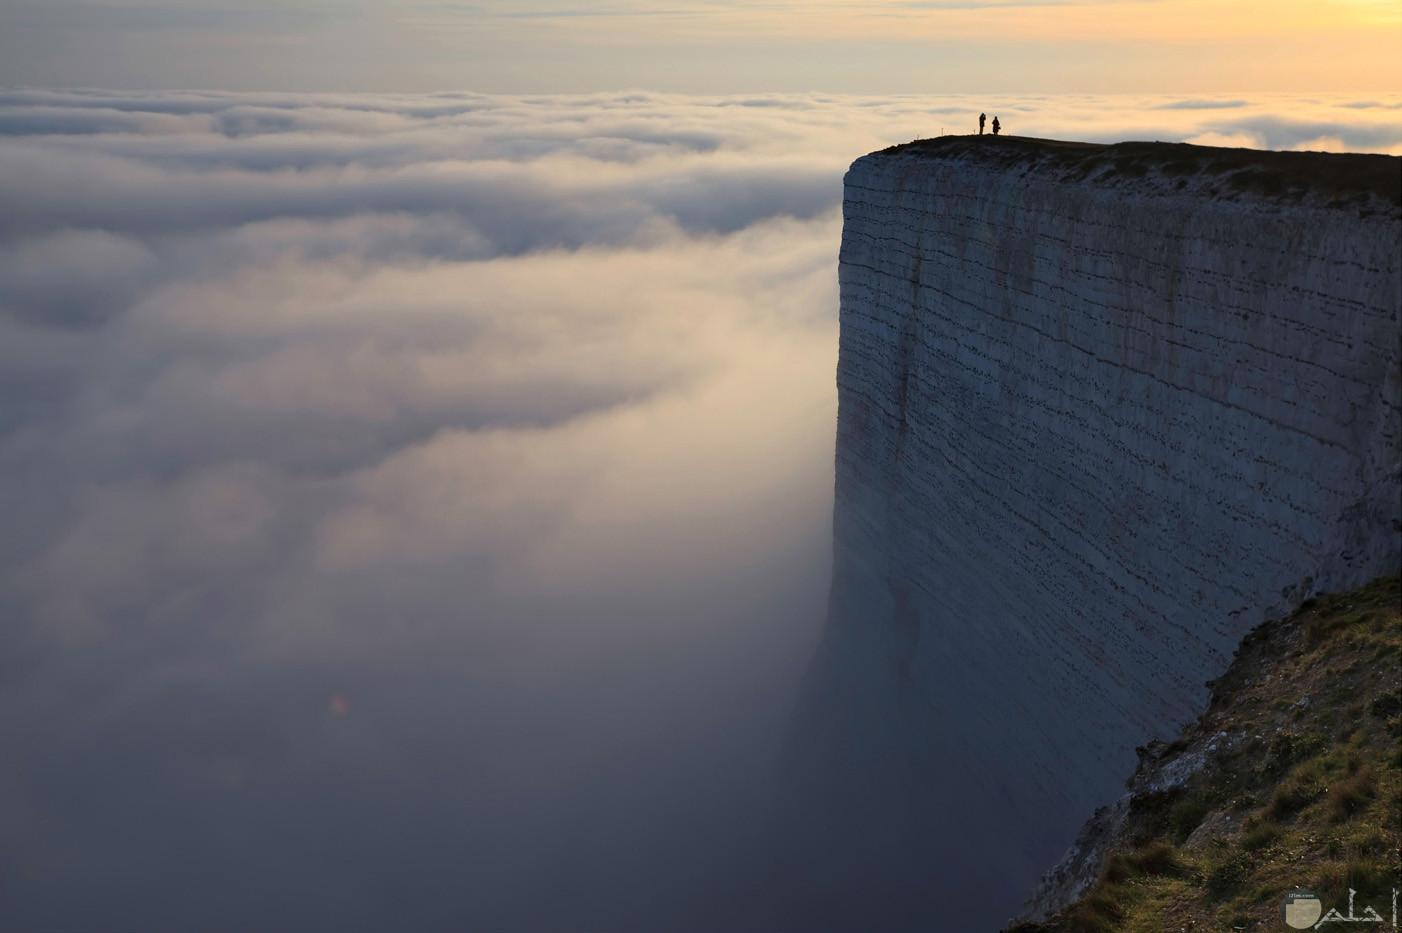 حافة العالم - بالرياض.